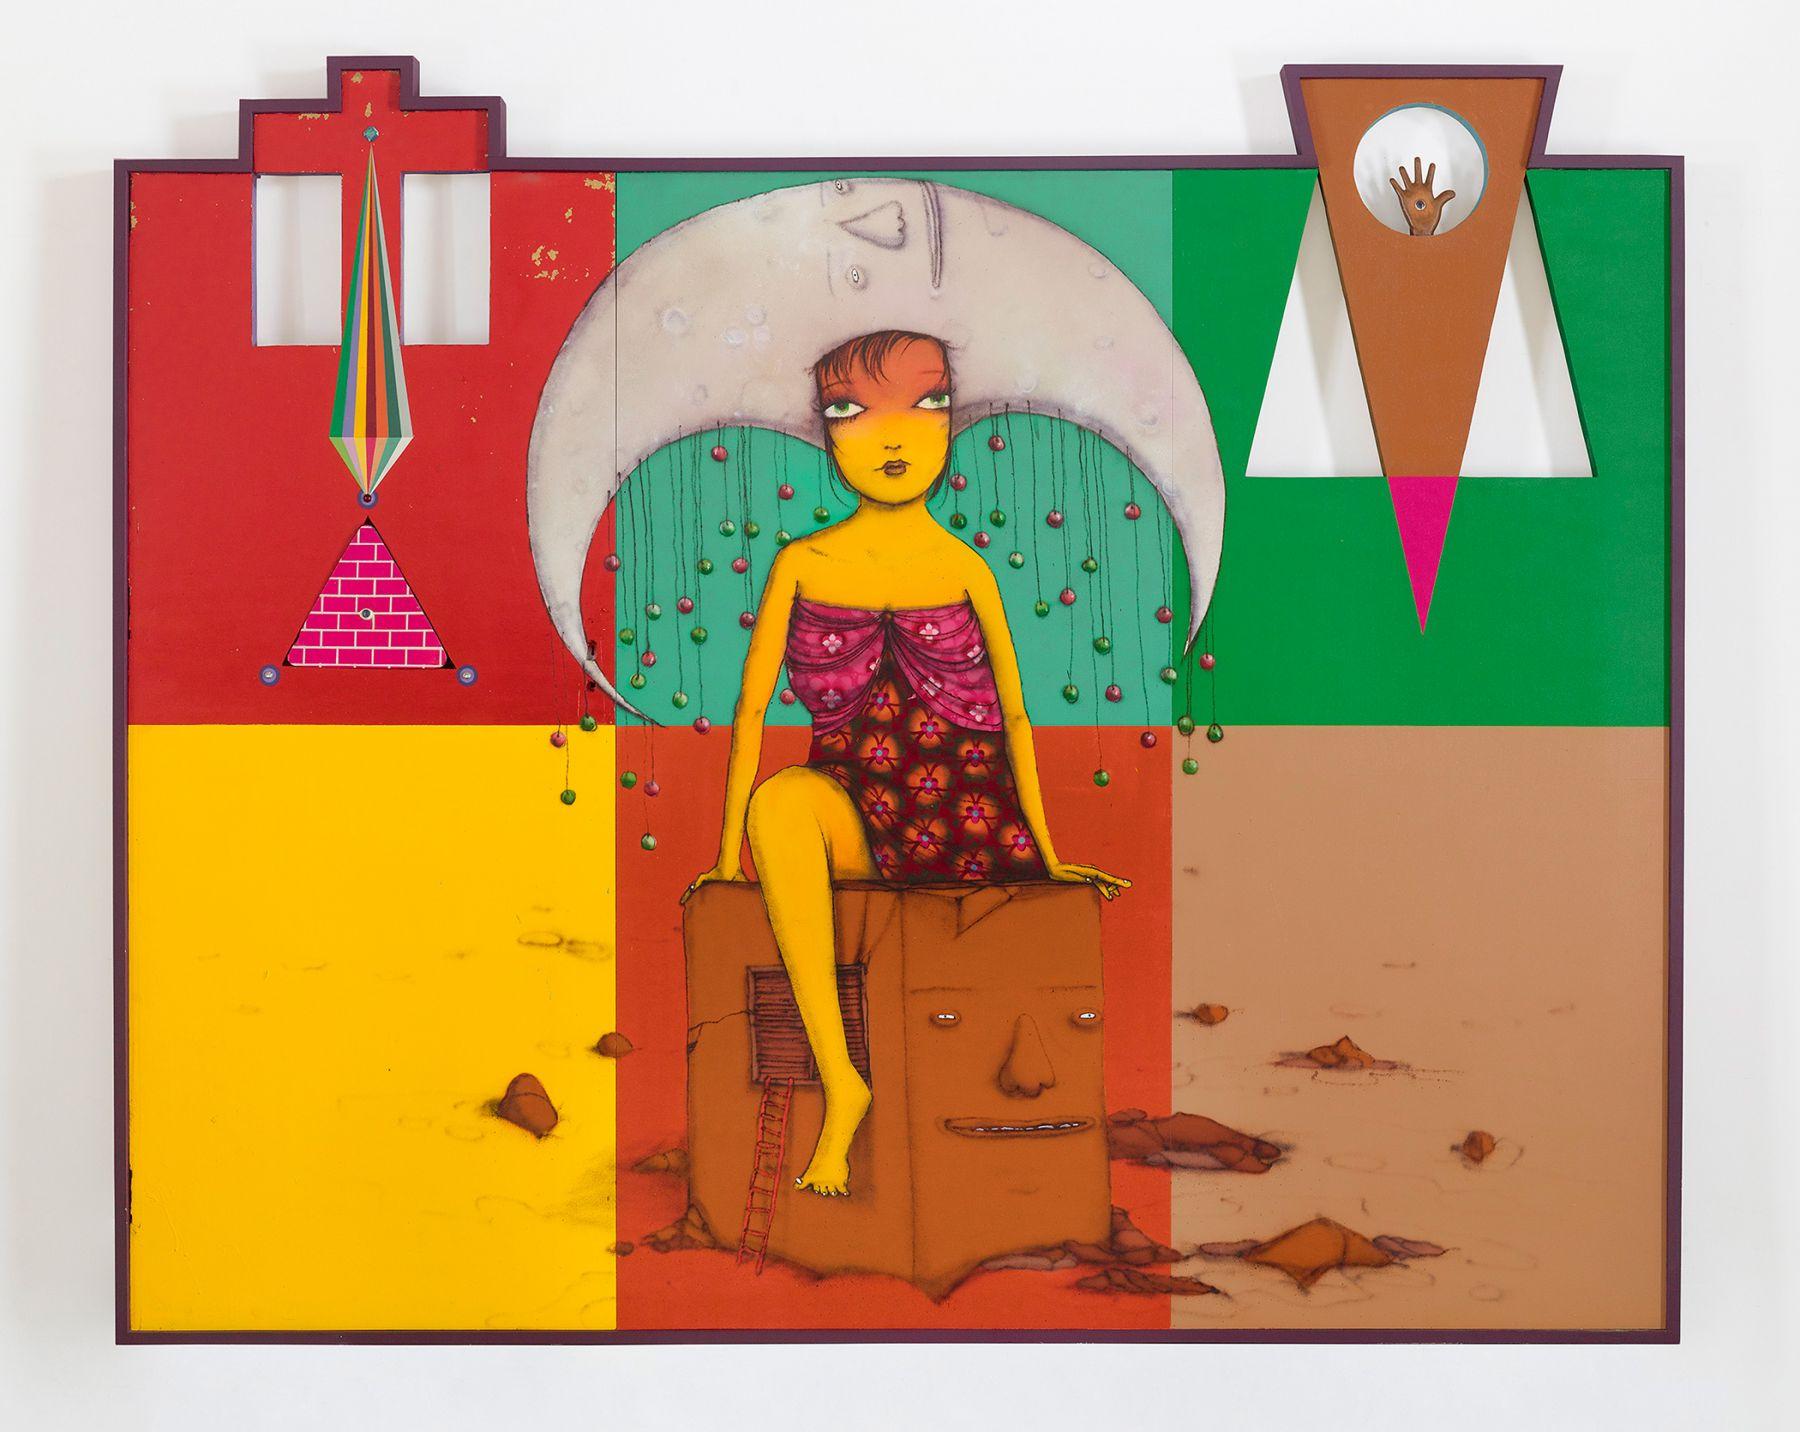 OSGEMEOS, A caixa de música (The music box), 2015